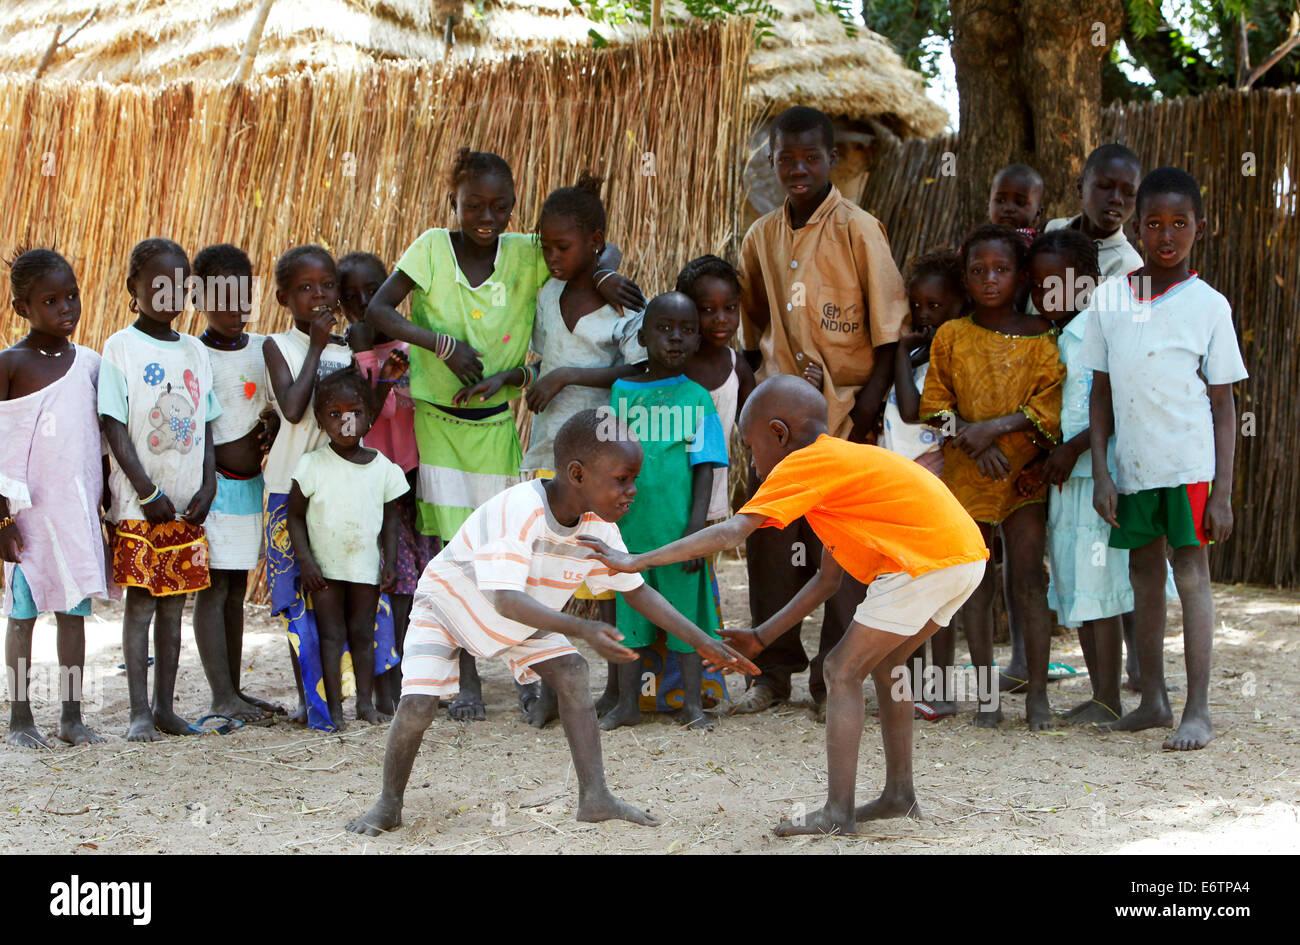 Bambini effettuare un match wrestling. Il wrestling è il cittadino senegalese sport. Il Senegal, Africa Immagini Stock